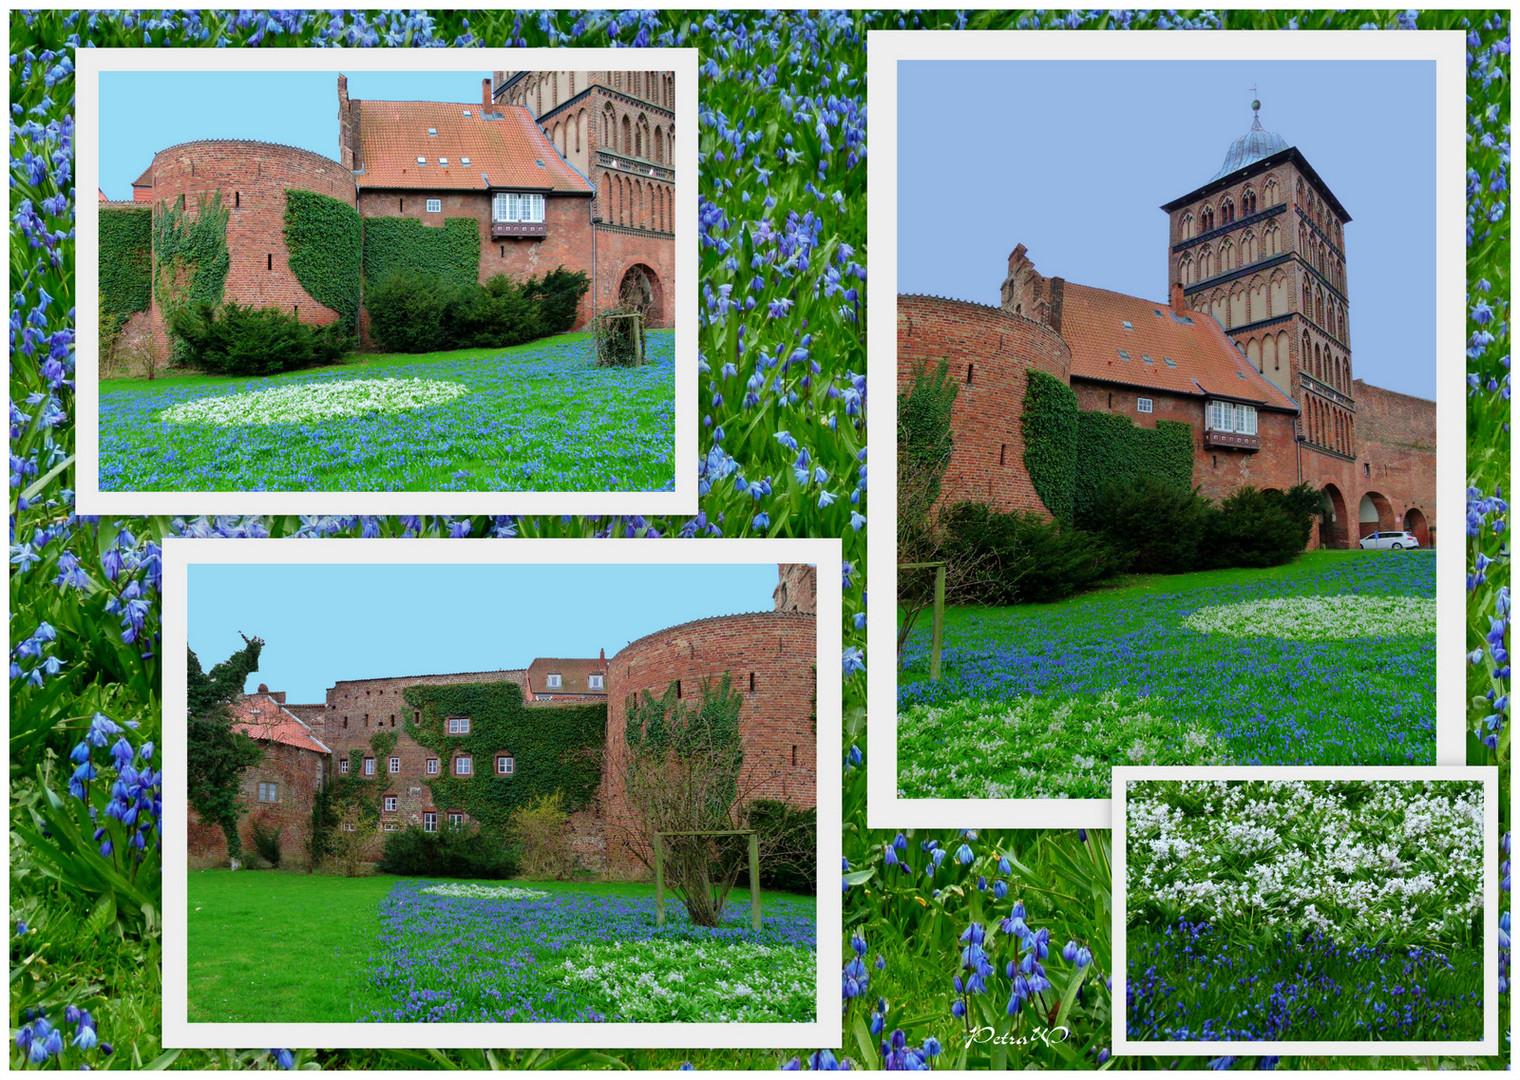 Blau-weiß-grün am Burgtor in Lübeck